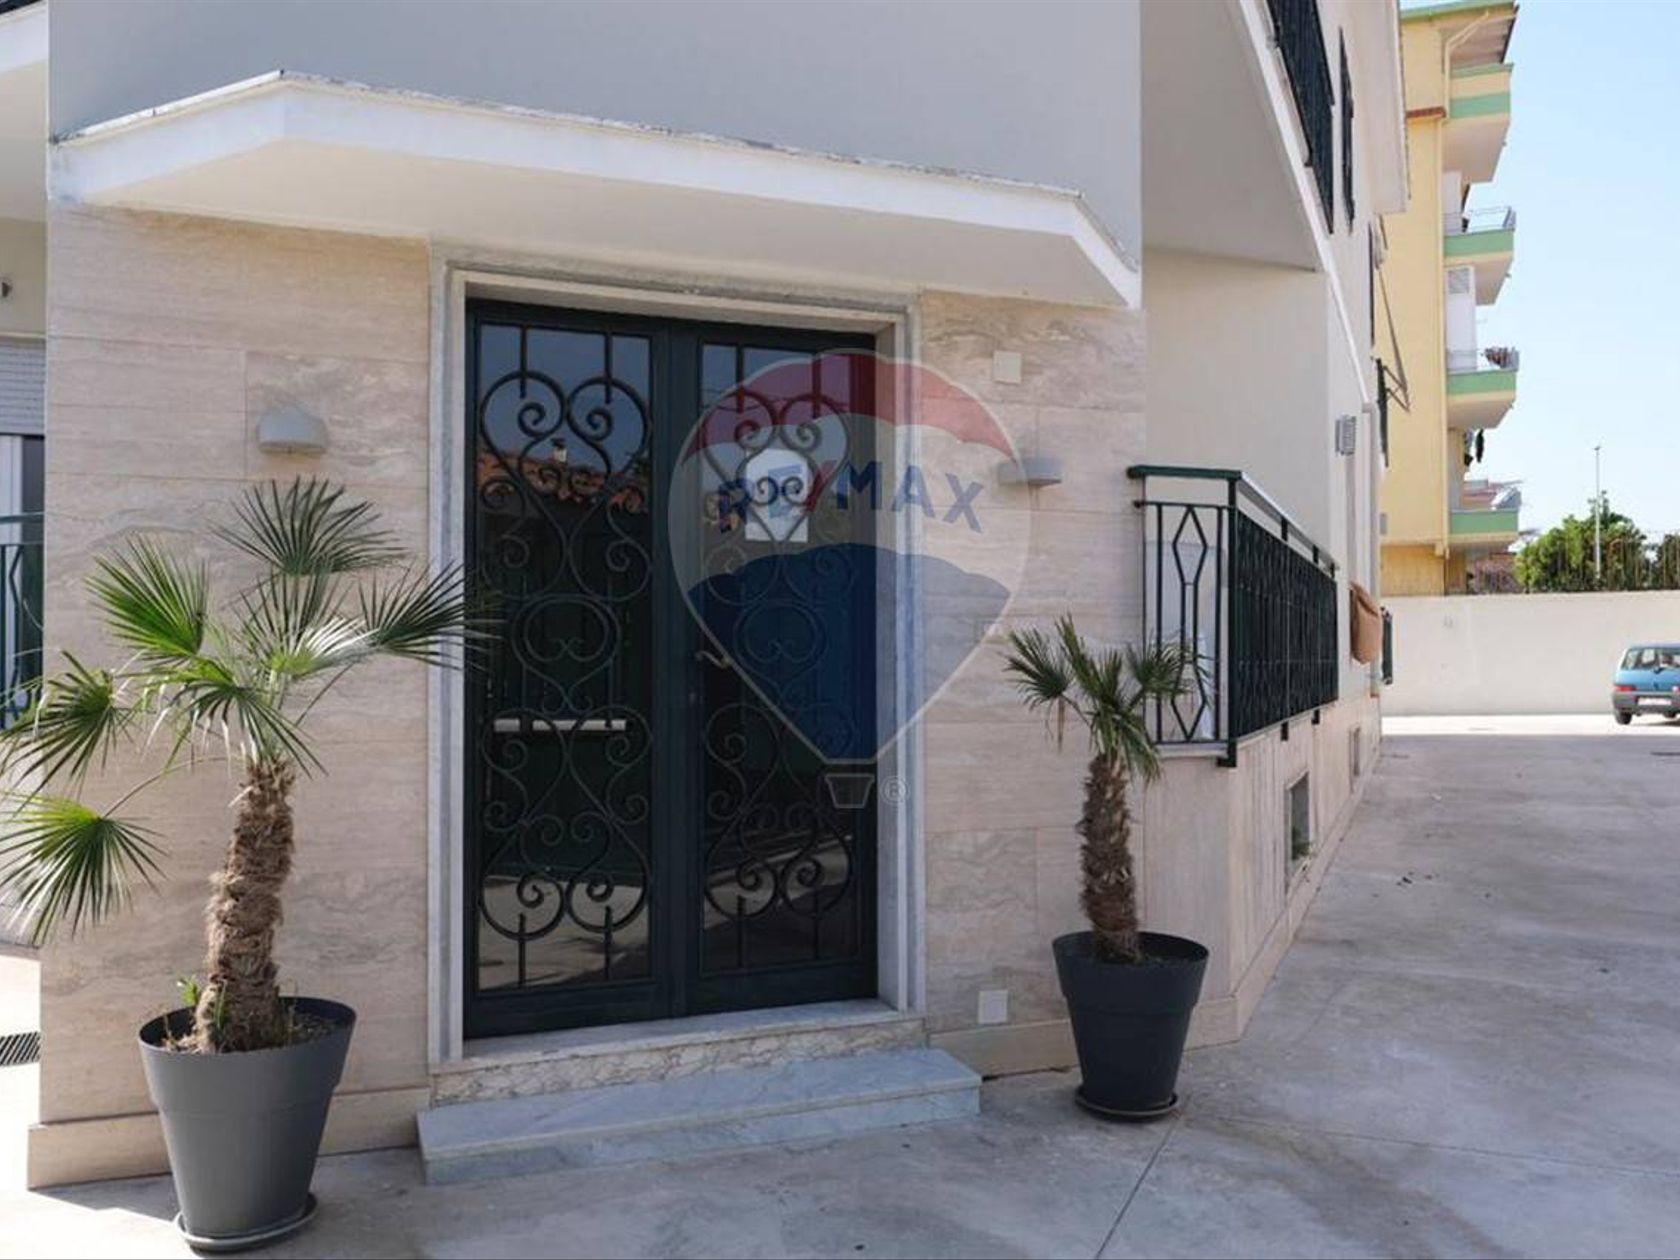 Casa Indipendente Zona stazione, Aversa, CE Vendita